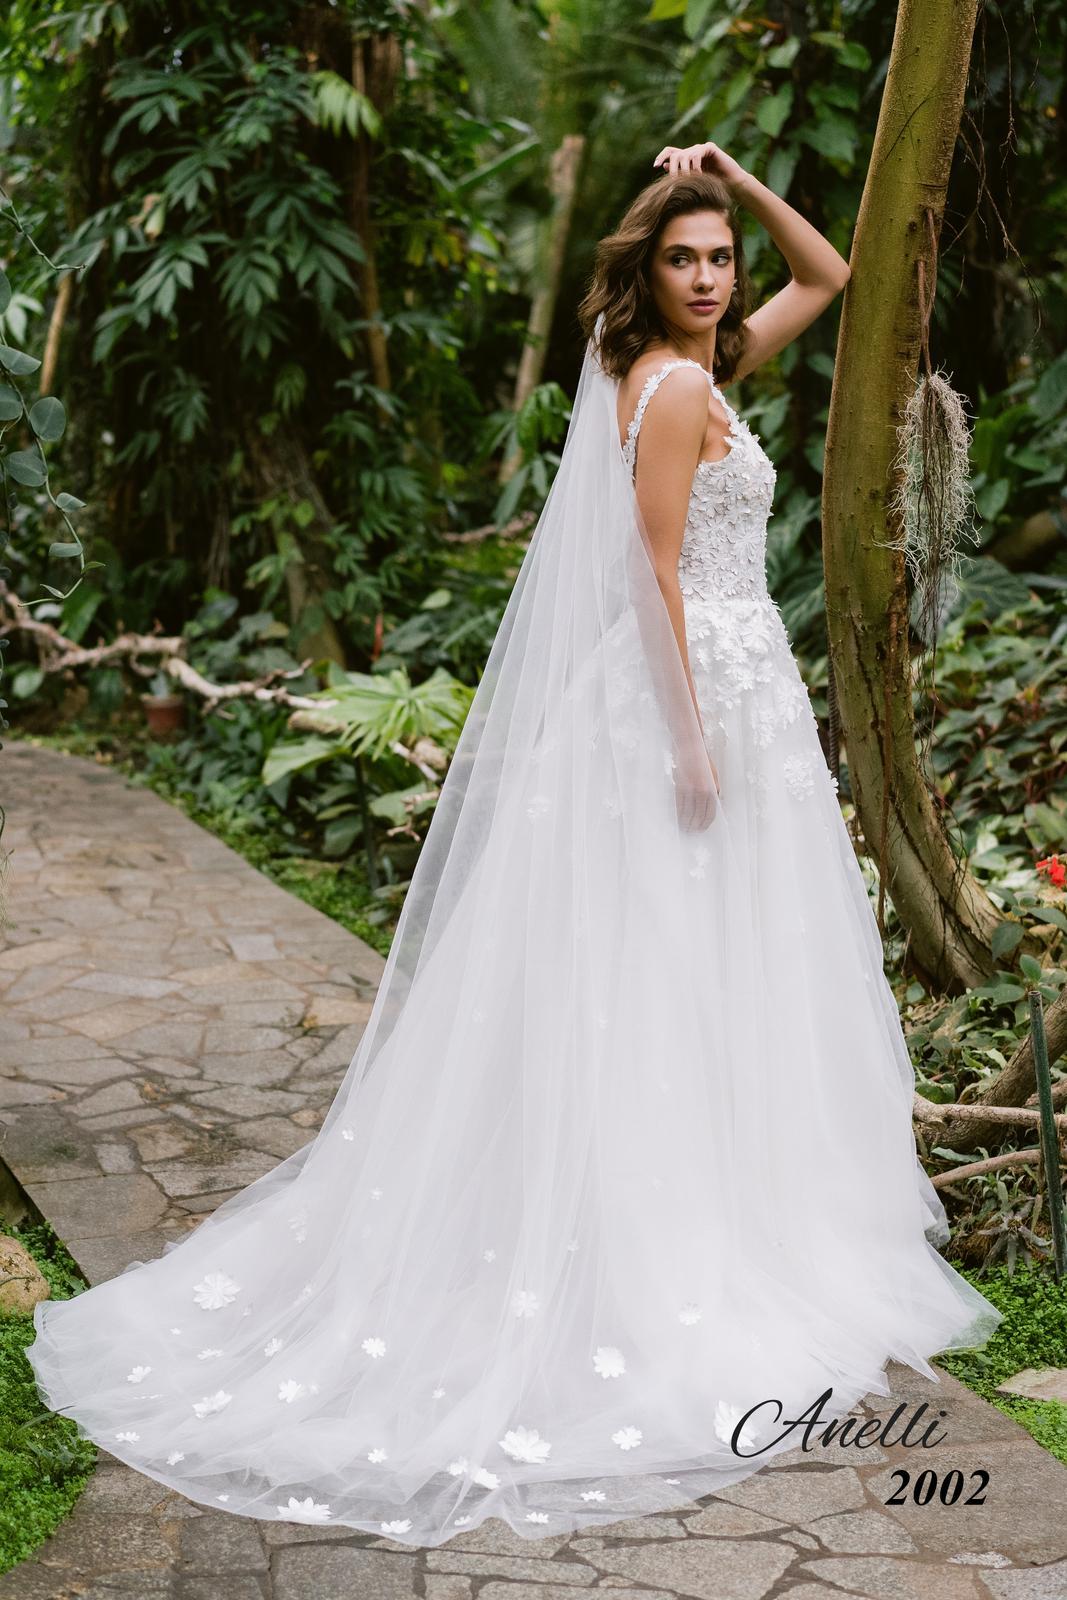 Svadobné šaty - Breeze 2002 - Obrázok č. 3